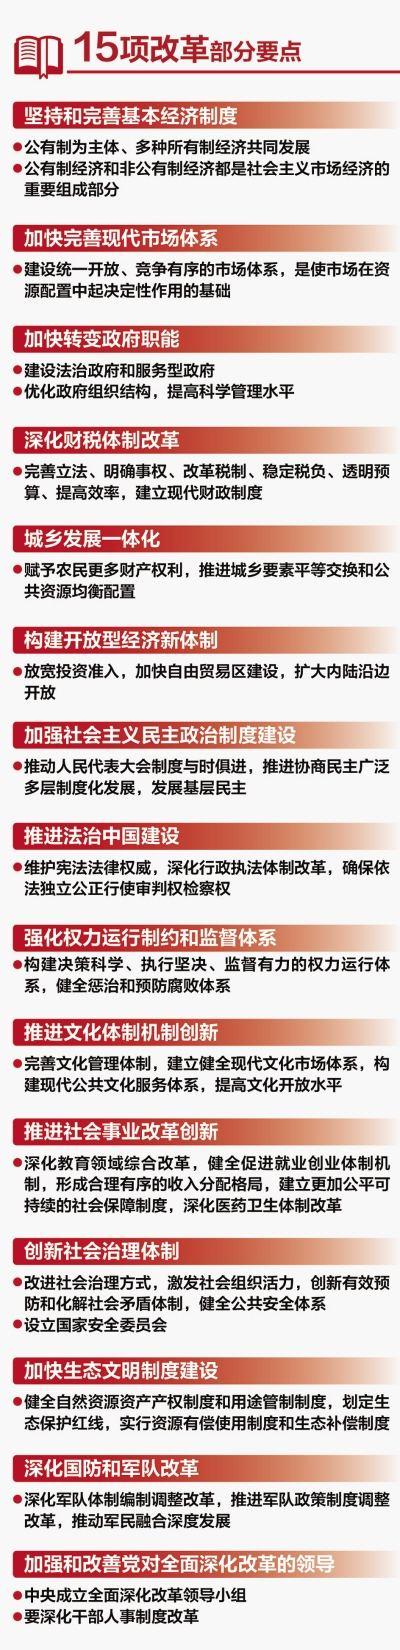 一张图读懂四个全面图库 四个全面宣传栏 一张图看懂沪港通